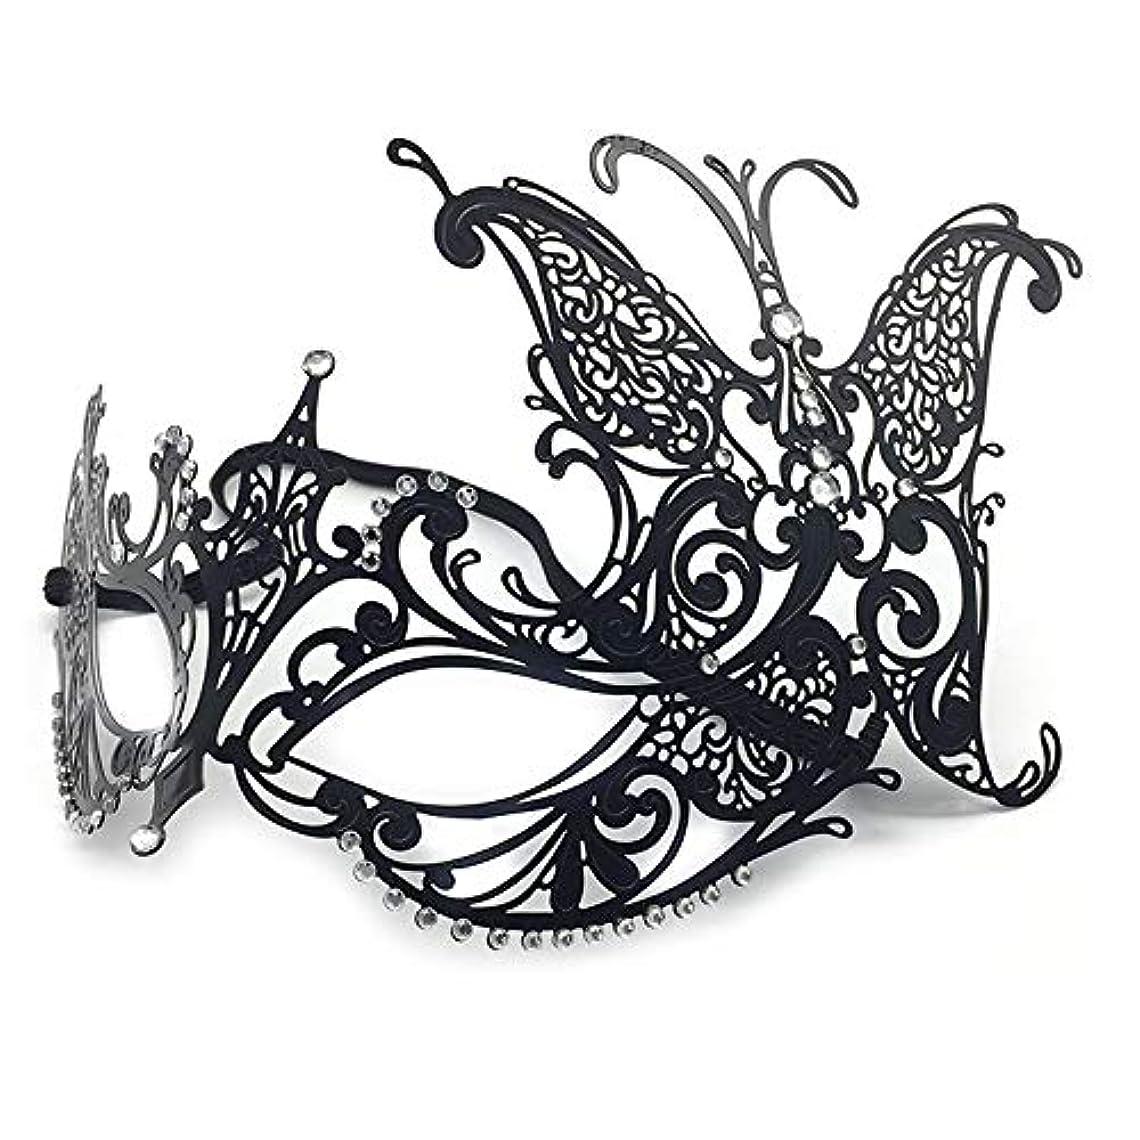 代わりに夕食を食べる避けるハロウィーンのお祝いヴェネツィア仮装ハーフフェイスレディメタルダイヤモンドバタフライアイアンマスクパーティー